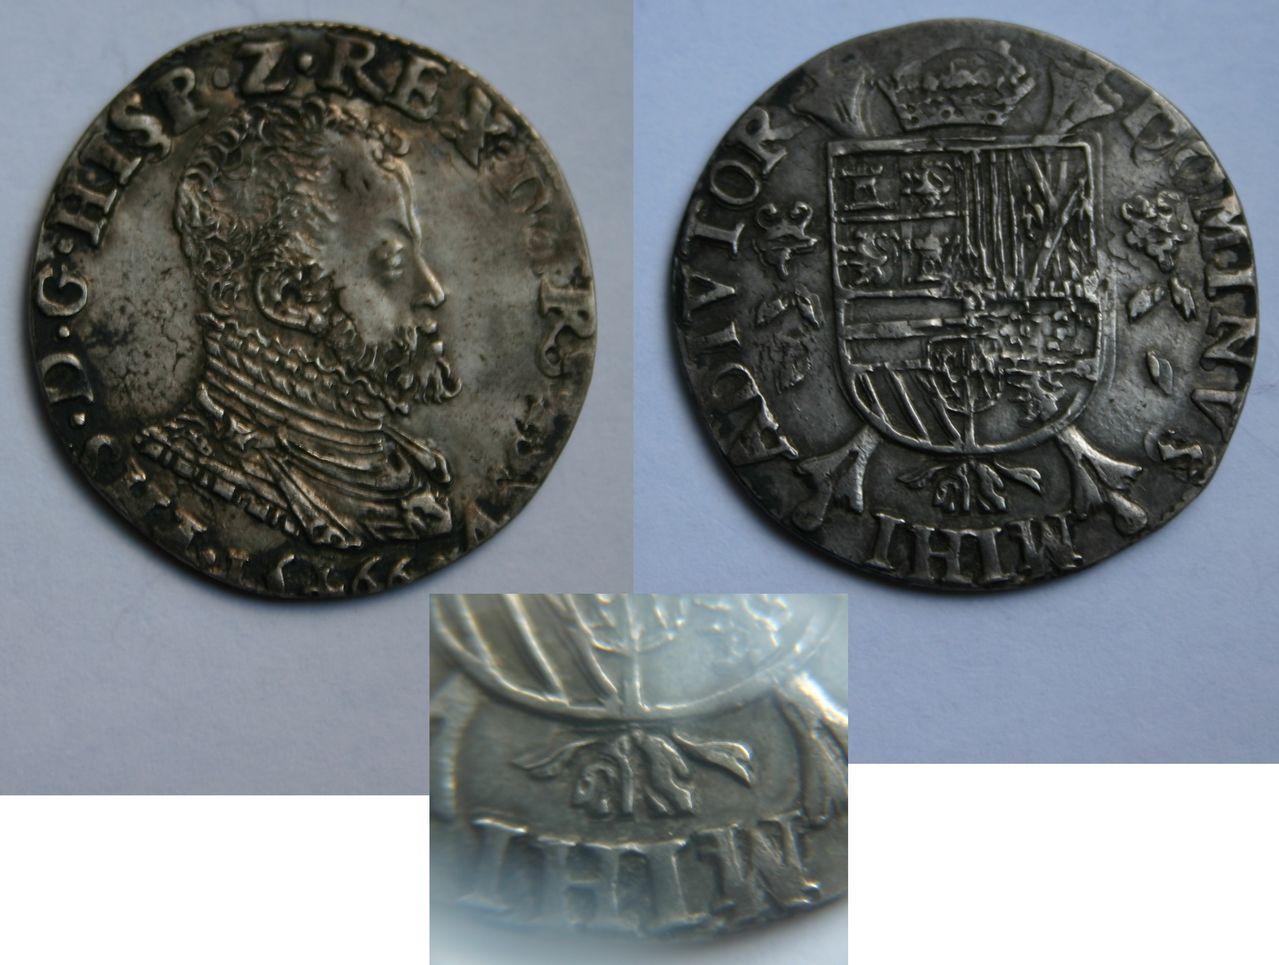 1/5 escudo de Felipe II. 1566. Overijssel. 1_5_Philipsdaalder_1566_Overijssel